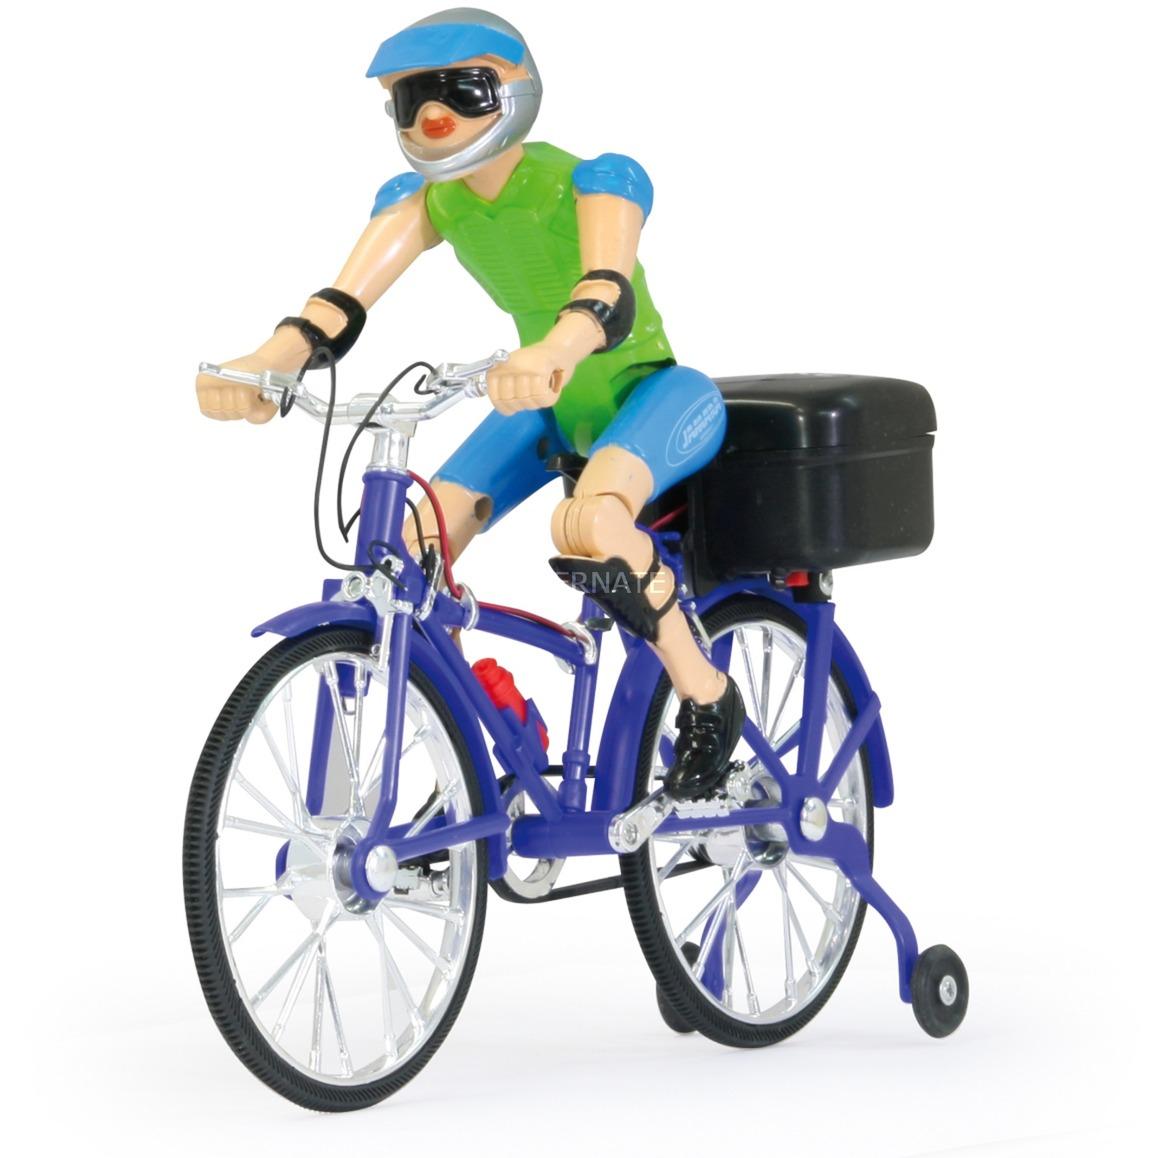 402090 Multicolor figura de juguete para niños, Radiocontrol